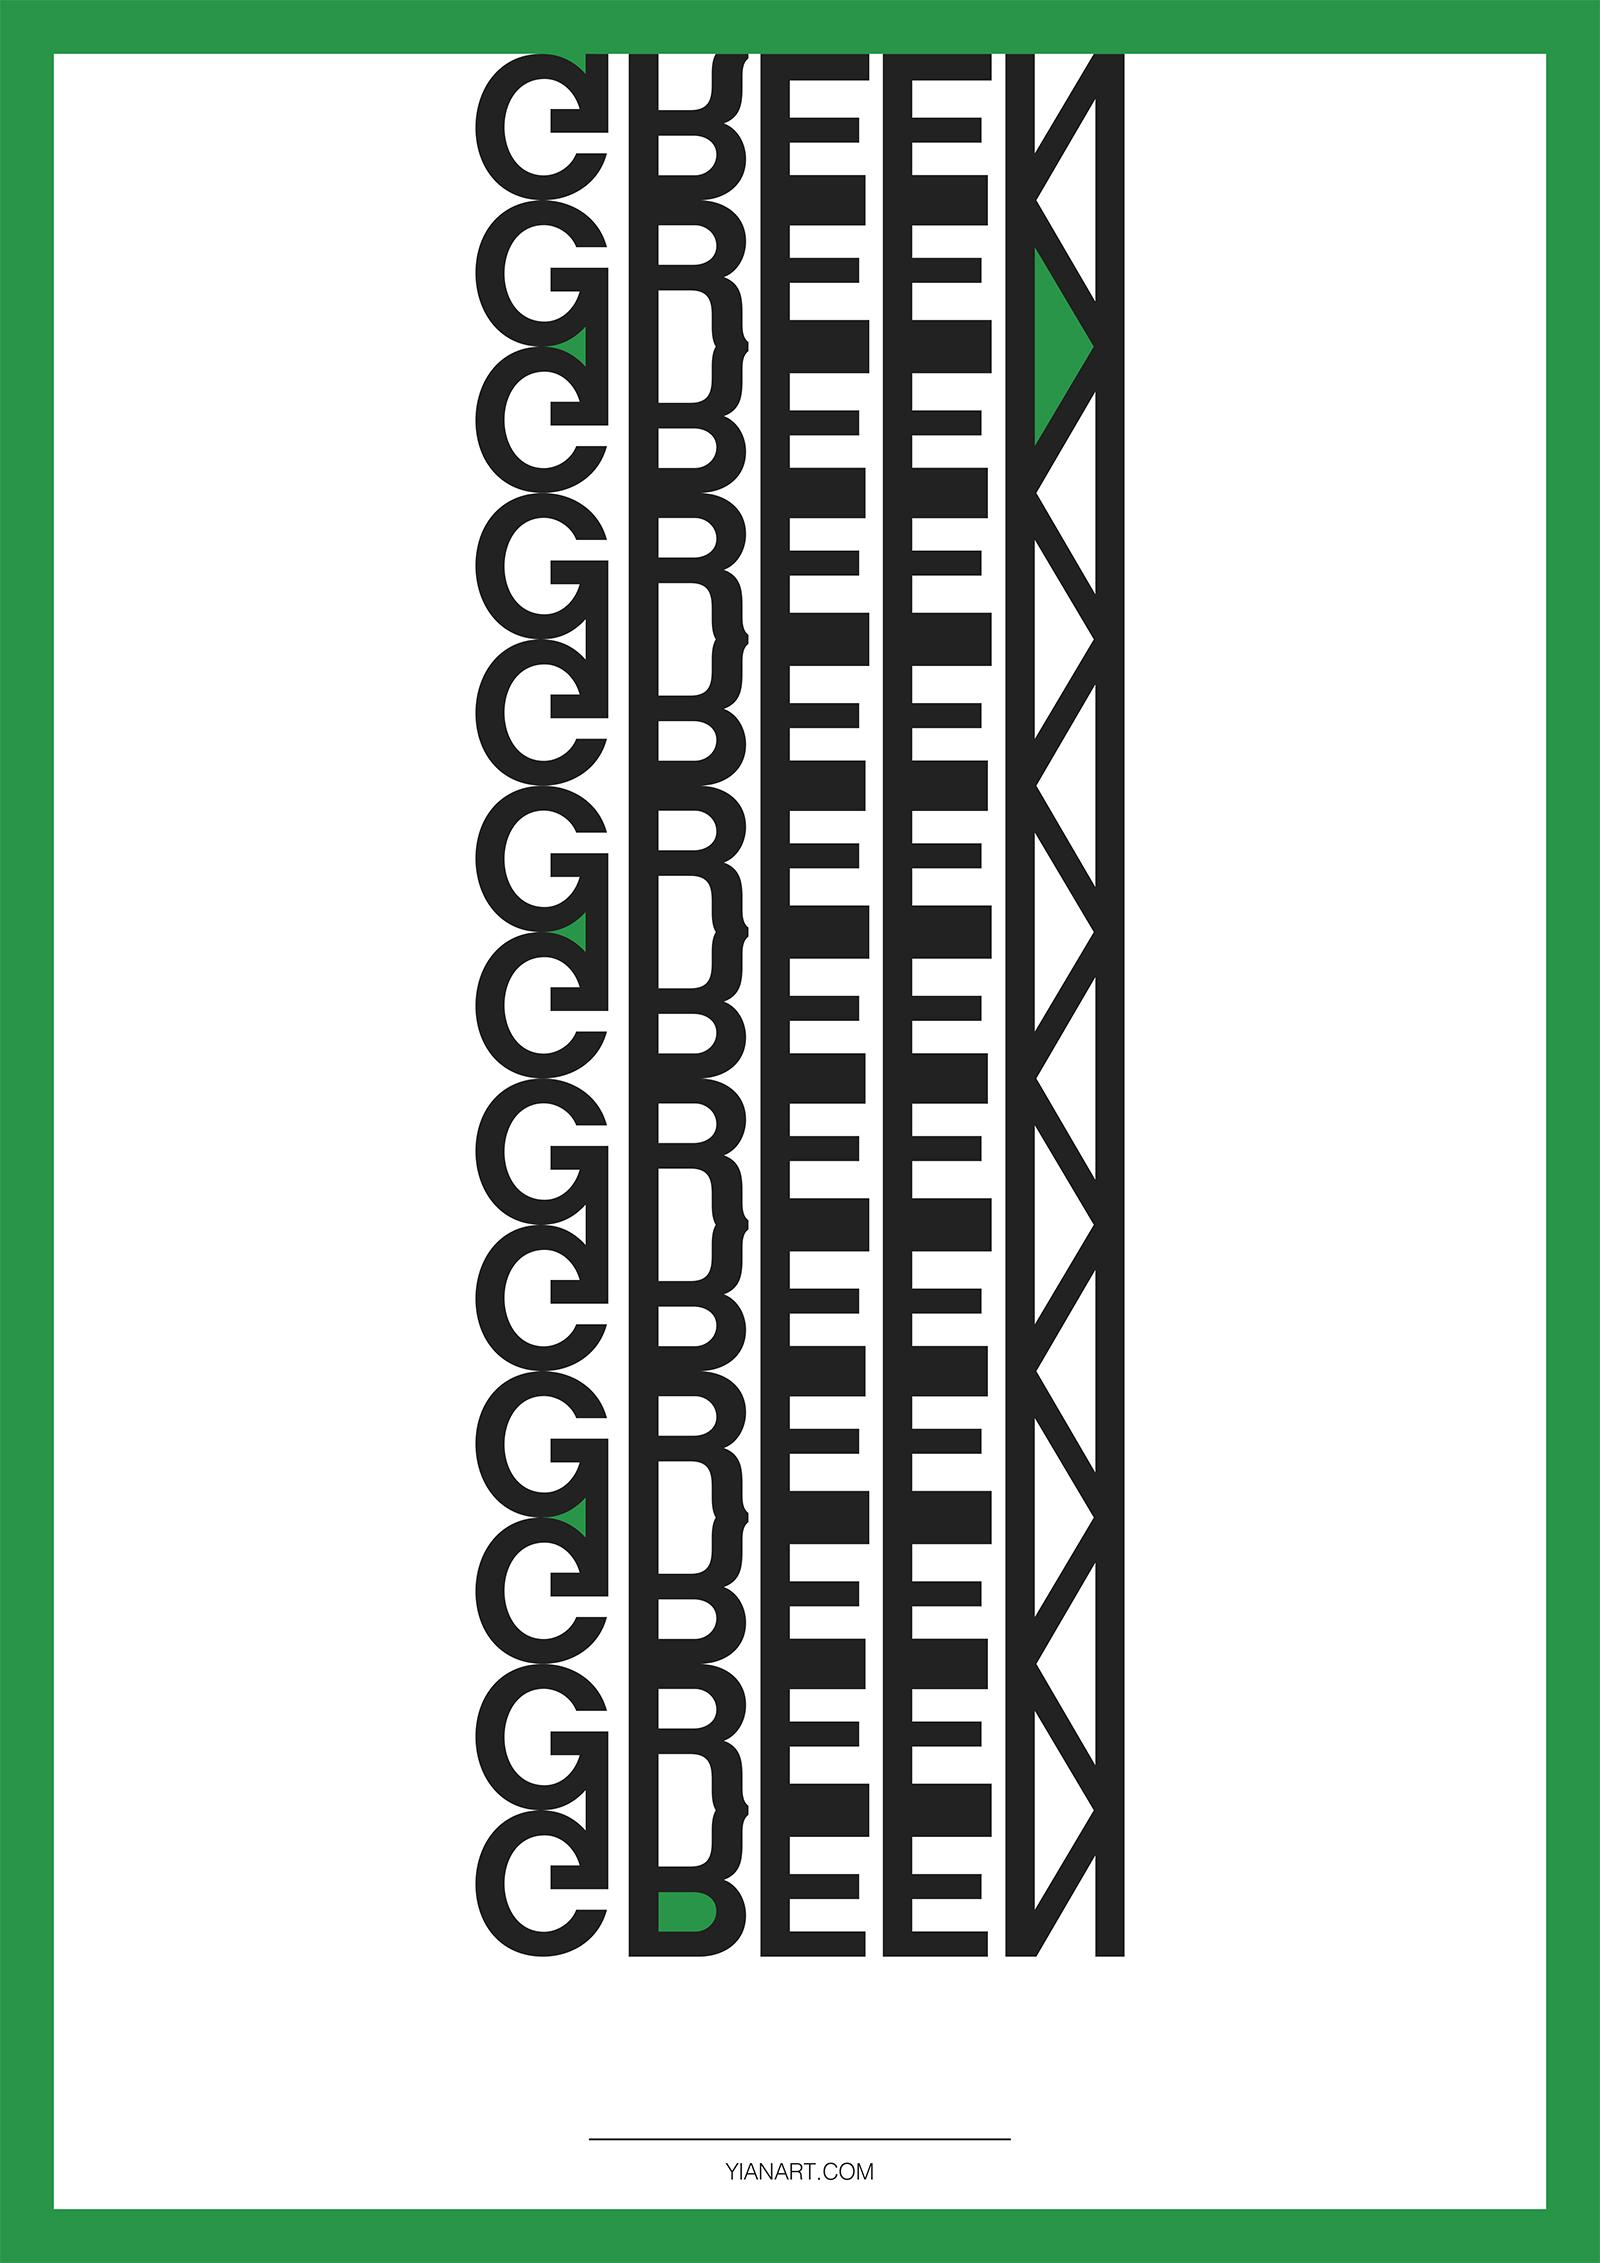 Green_yianart.com